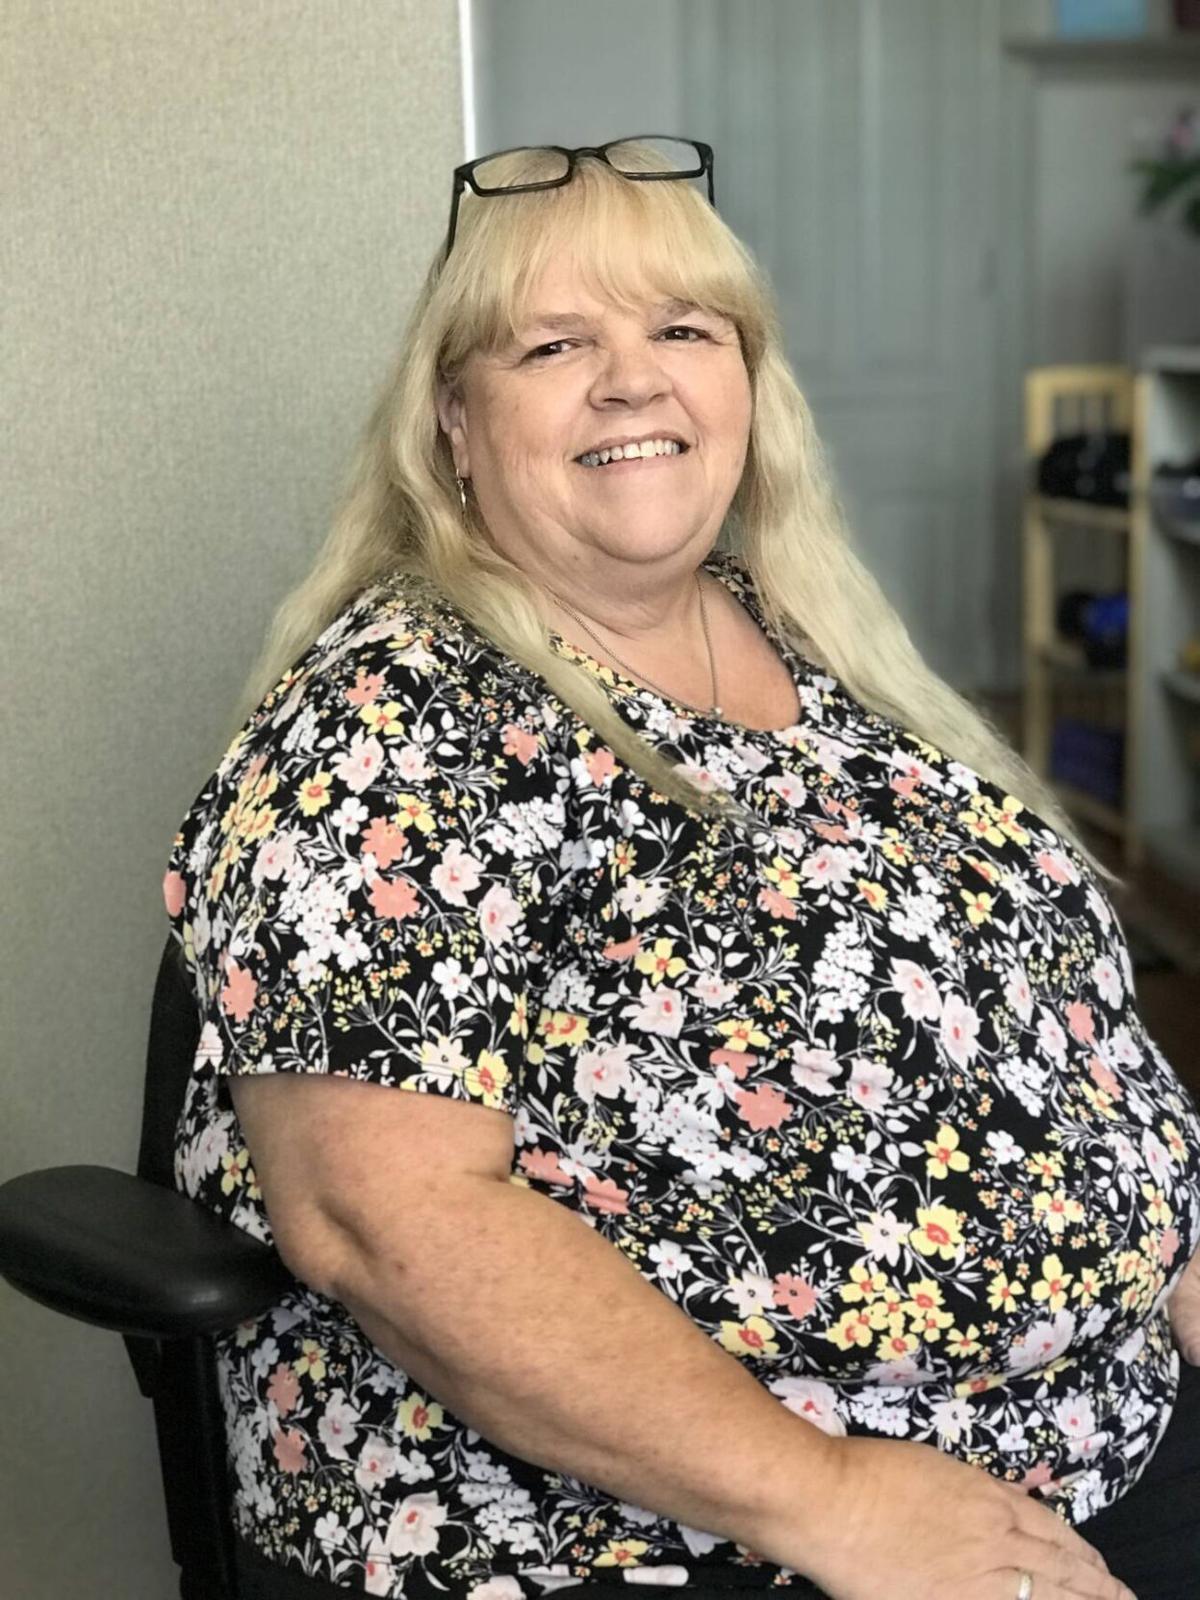 NEK Council On Aging Announces New Hires